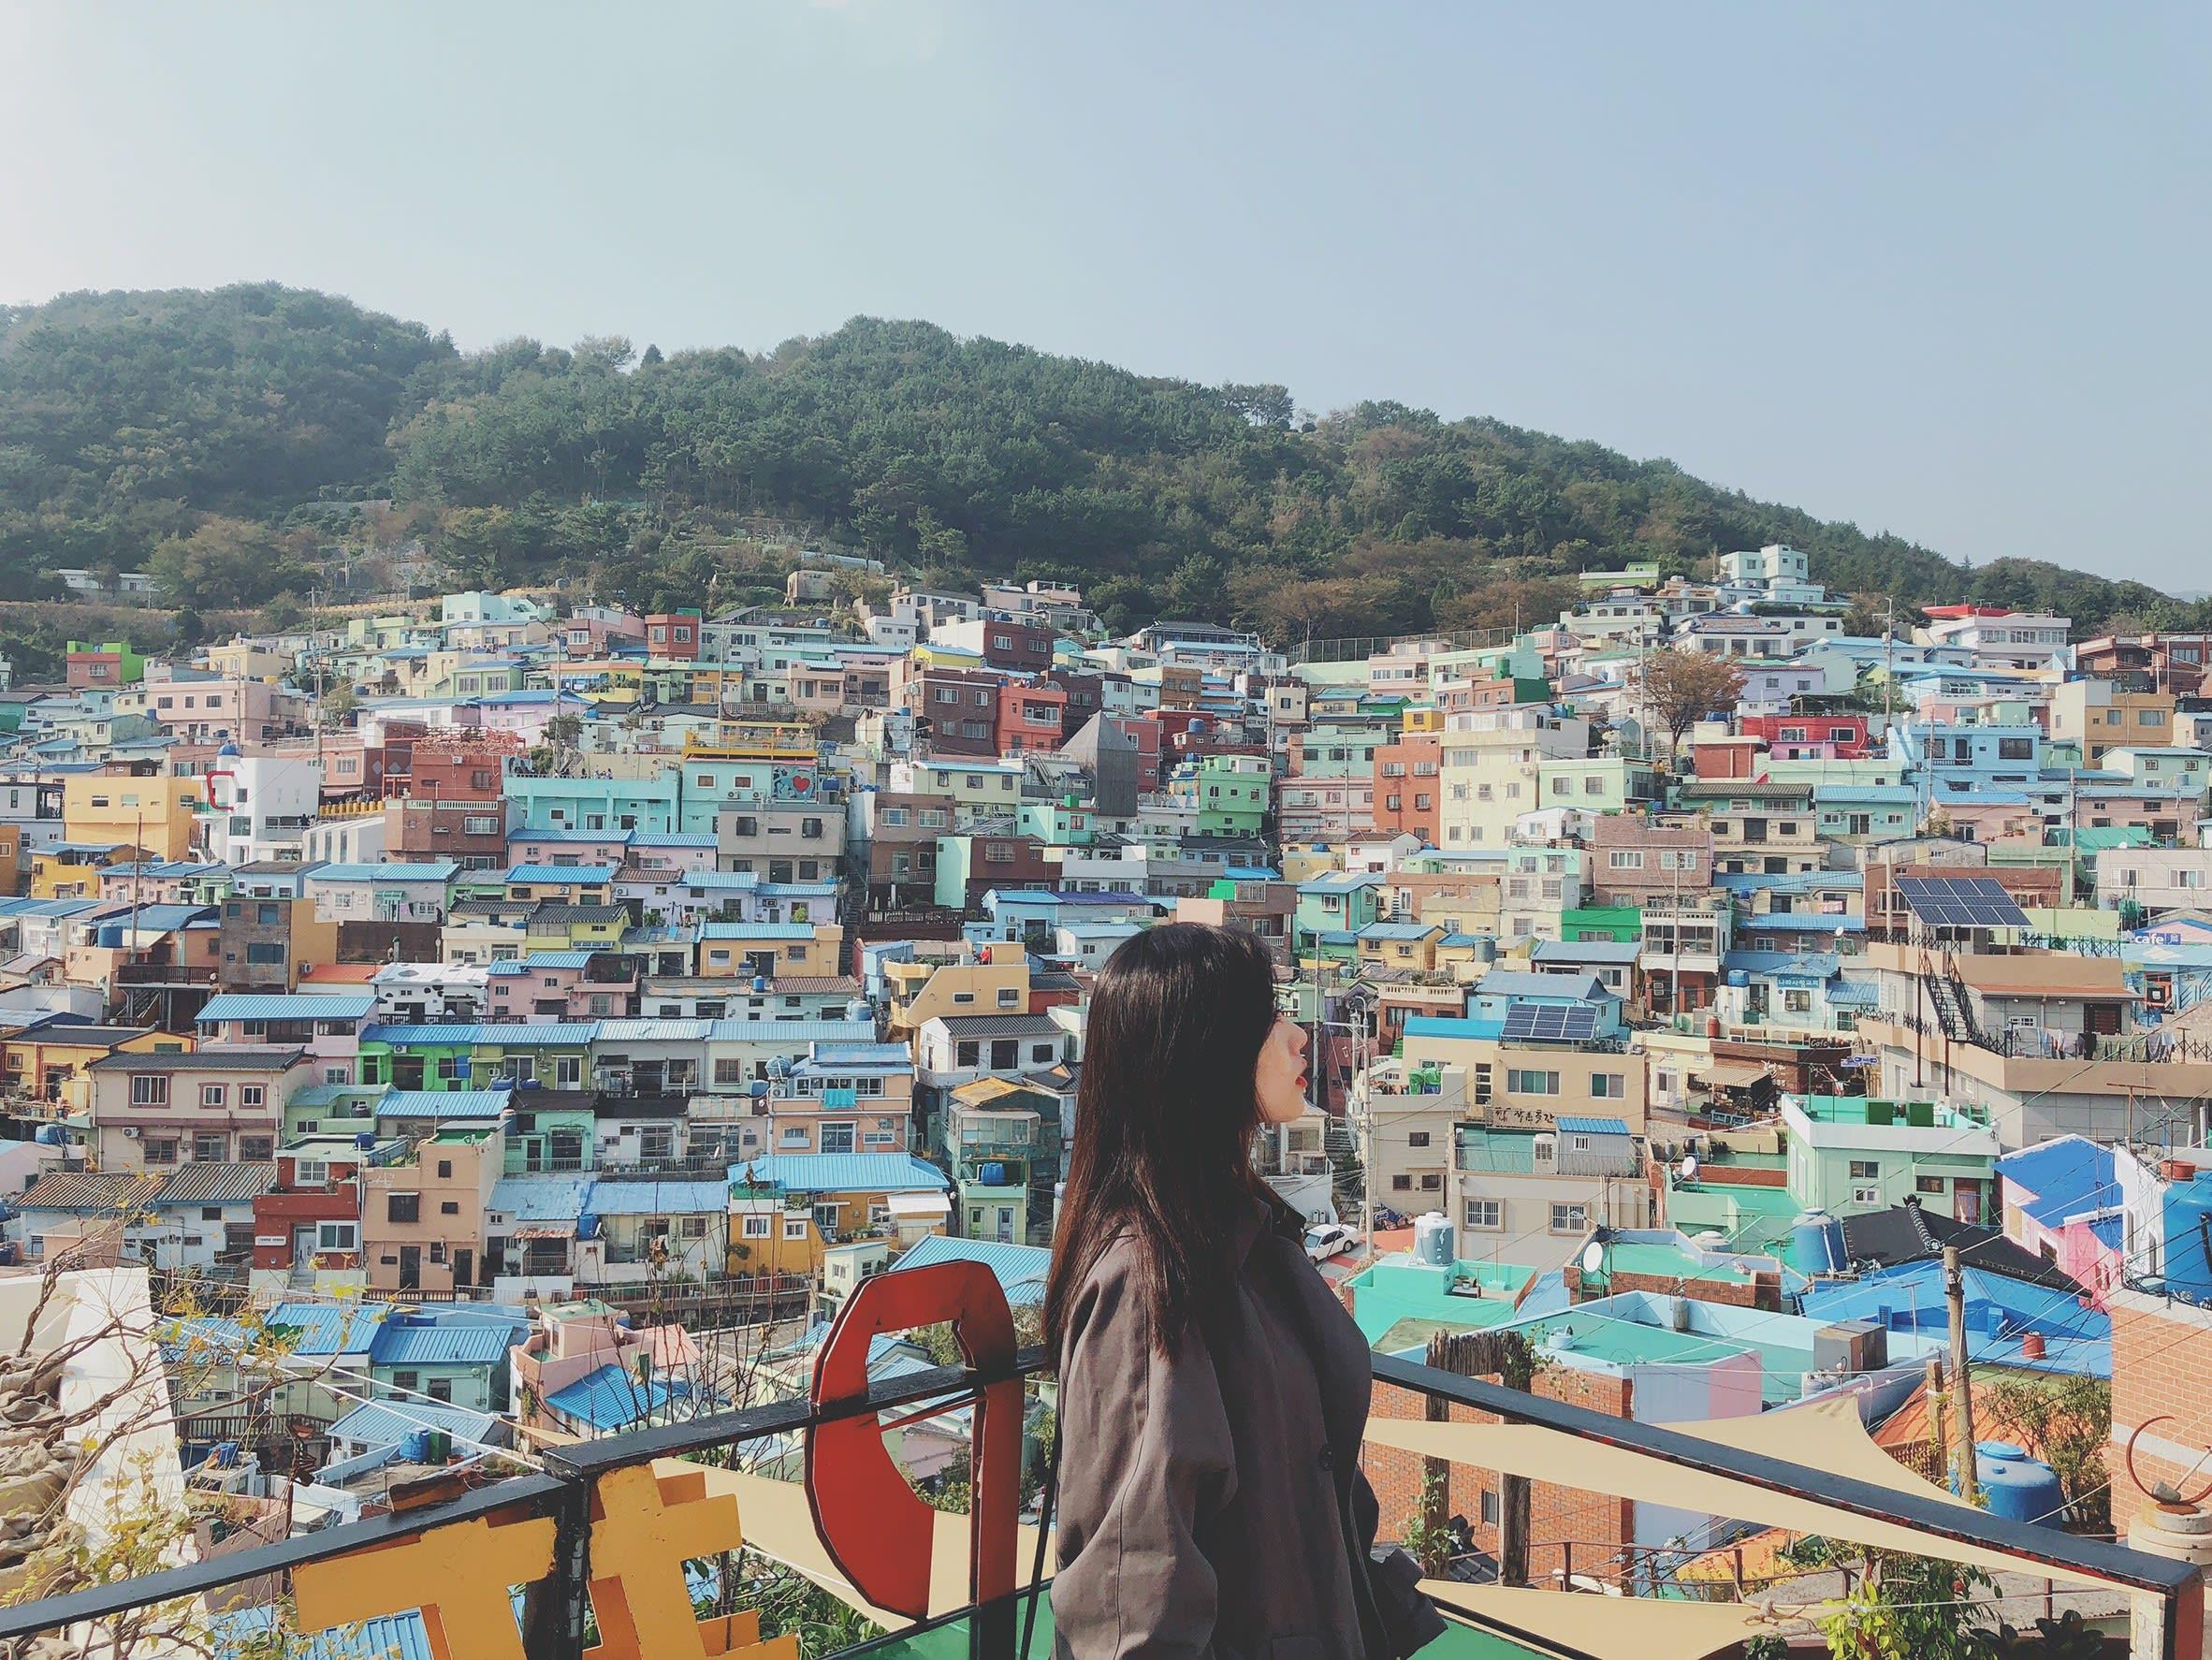 甘川洞巴士站後方的小路,是拍攝彩繪村最好看的景點,圖片取自:Ann Shih。